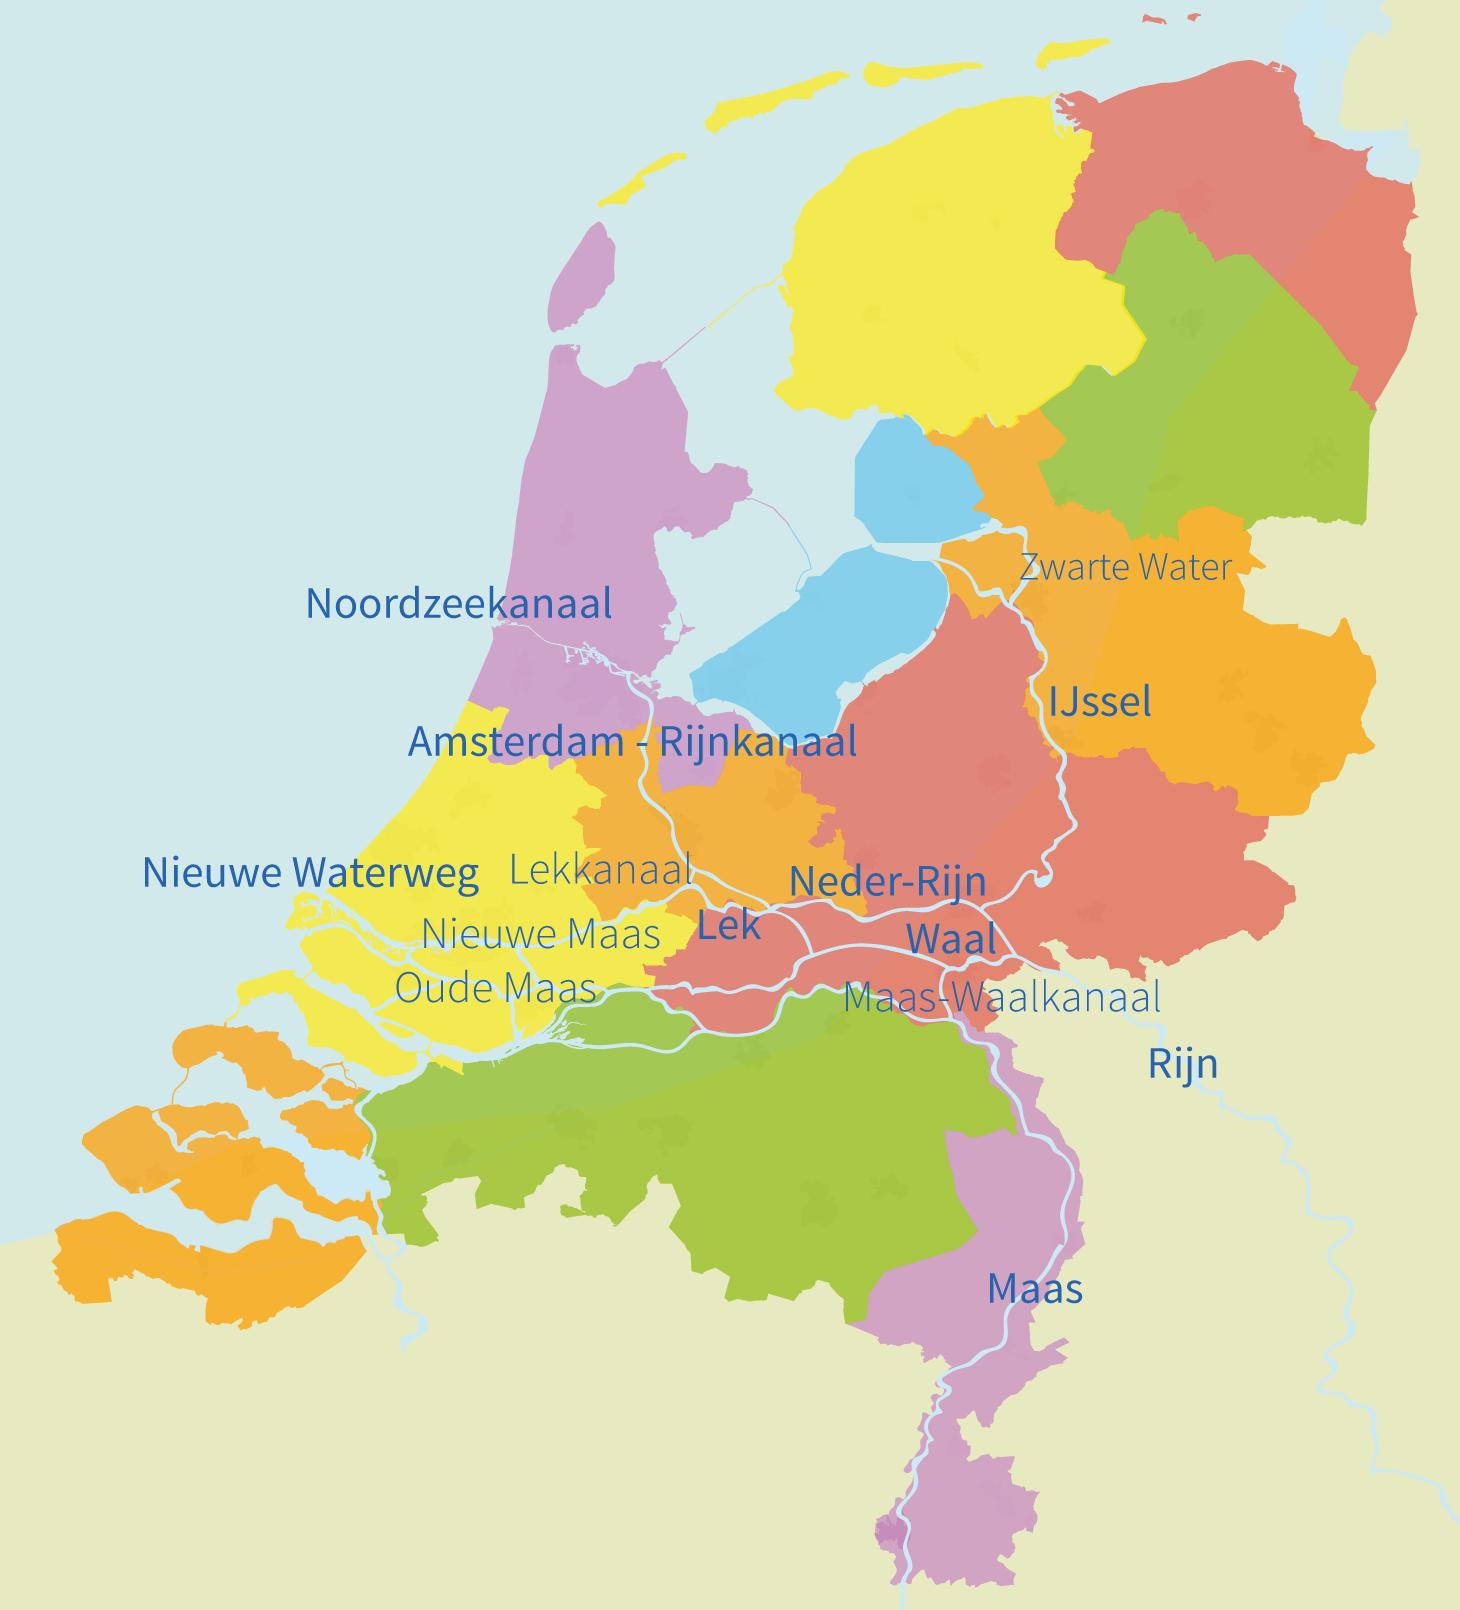 Junior Einstein, oefenen, wateren, rivieren, kanalen, topografie, nederland